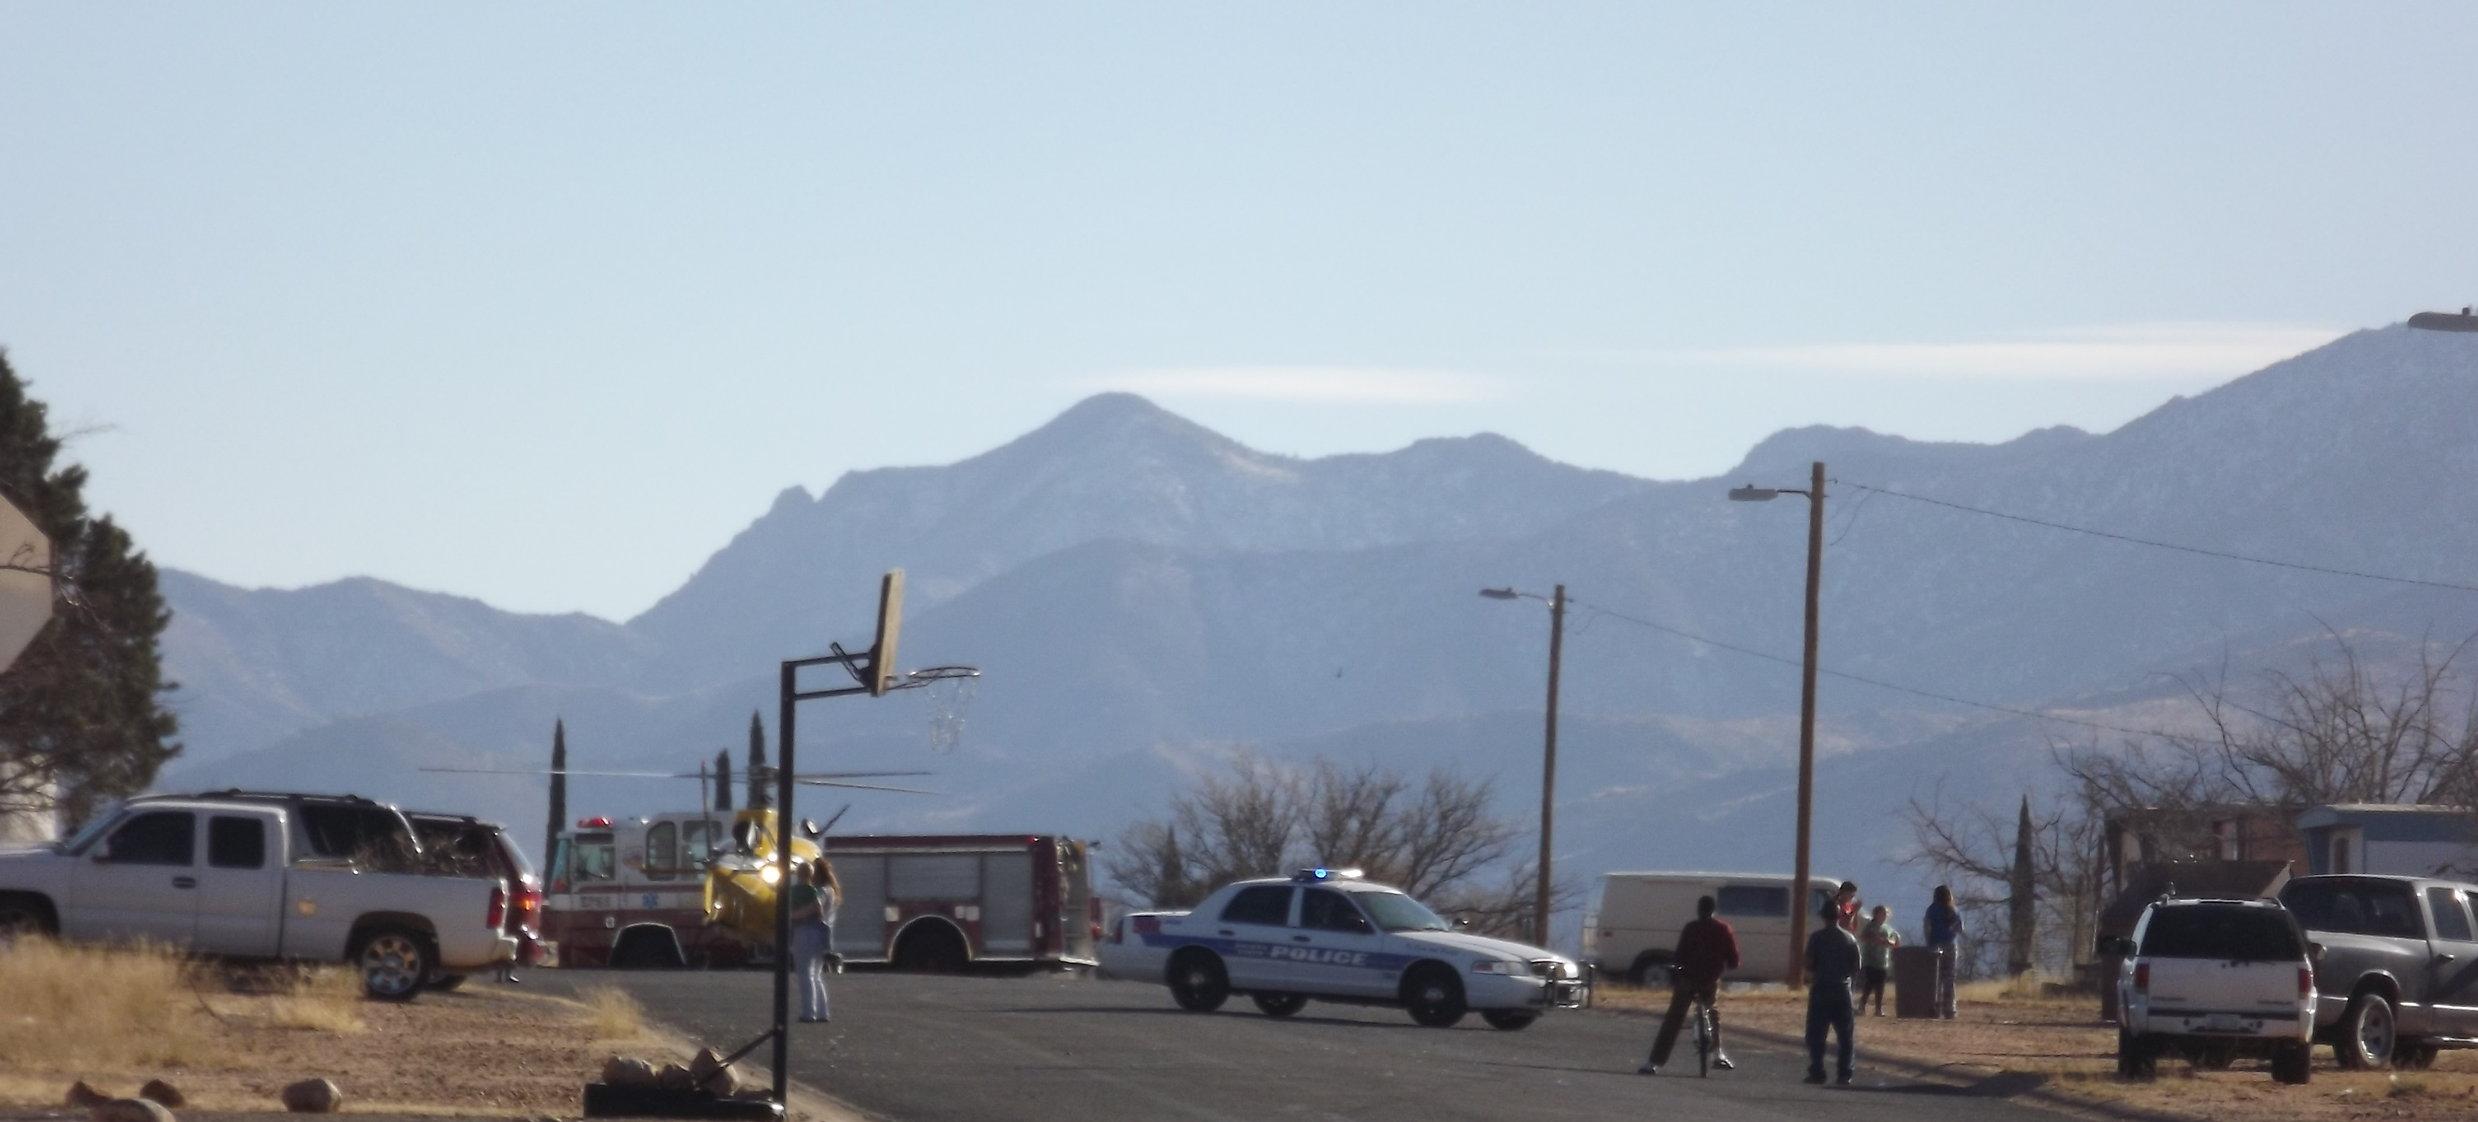 Police, fire, and medevac respond to an emergency at the trailer park, Sierra Vista, Arizona